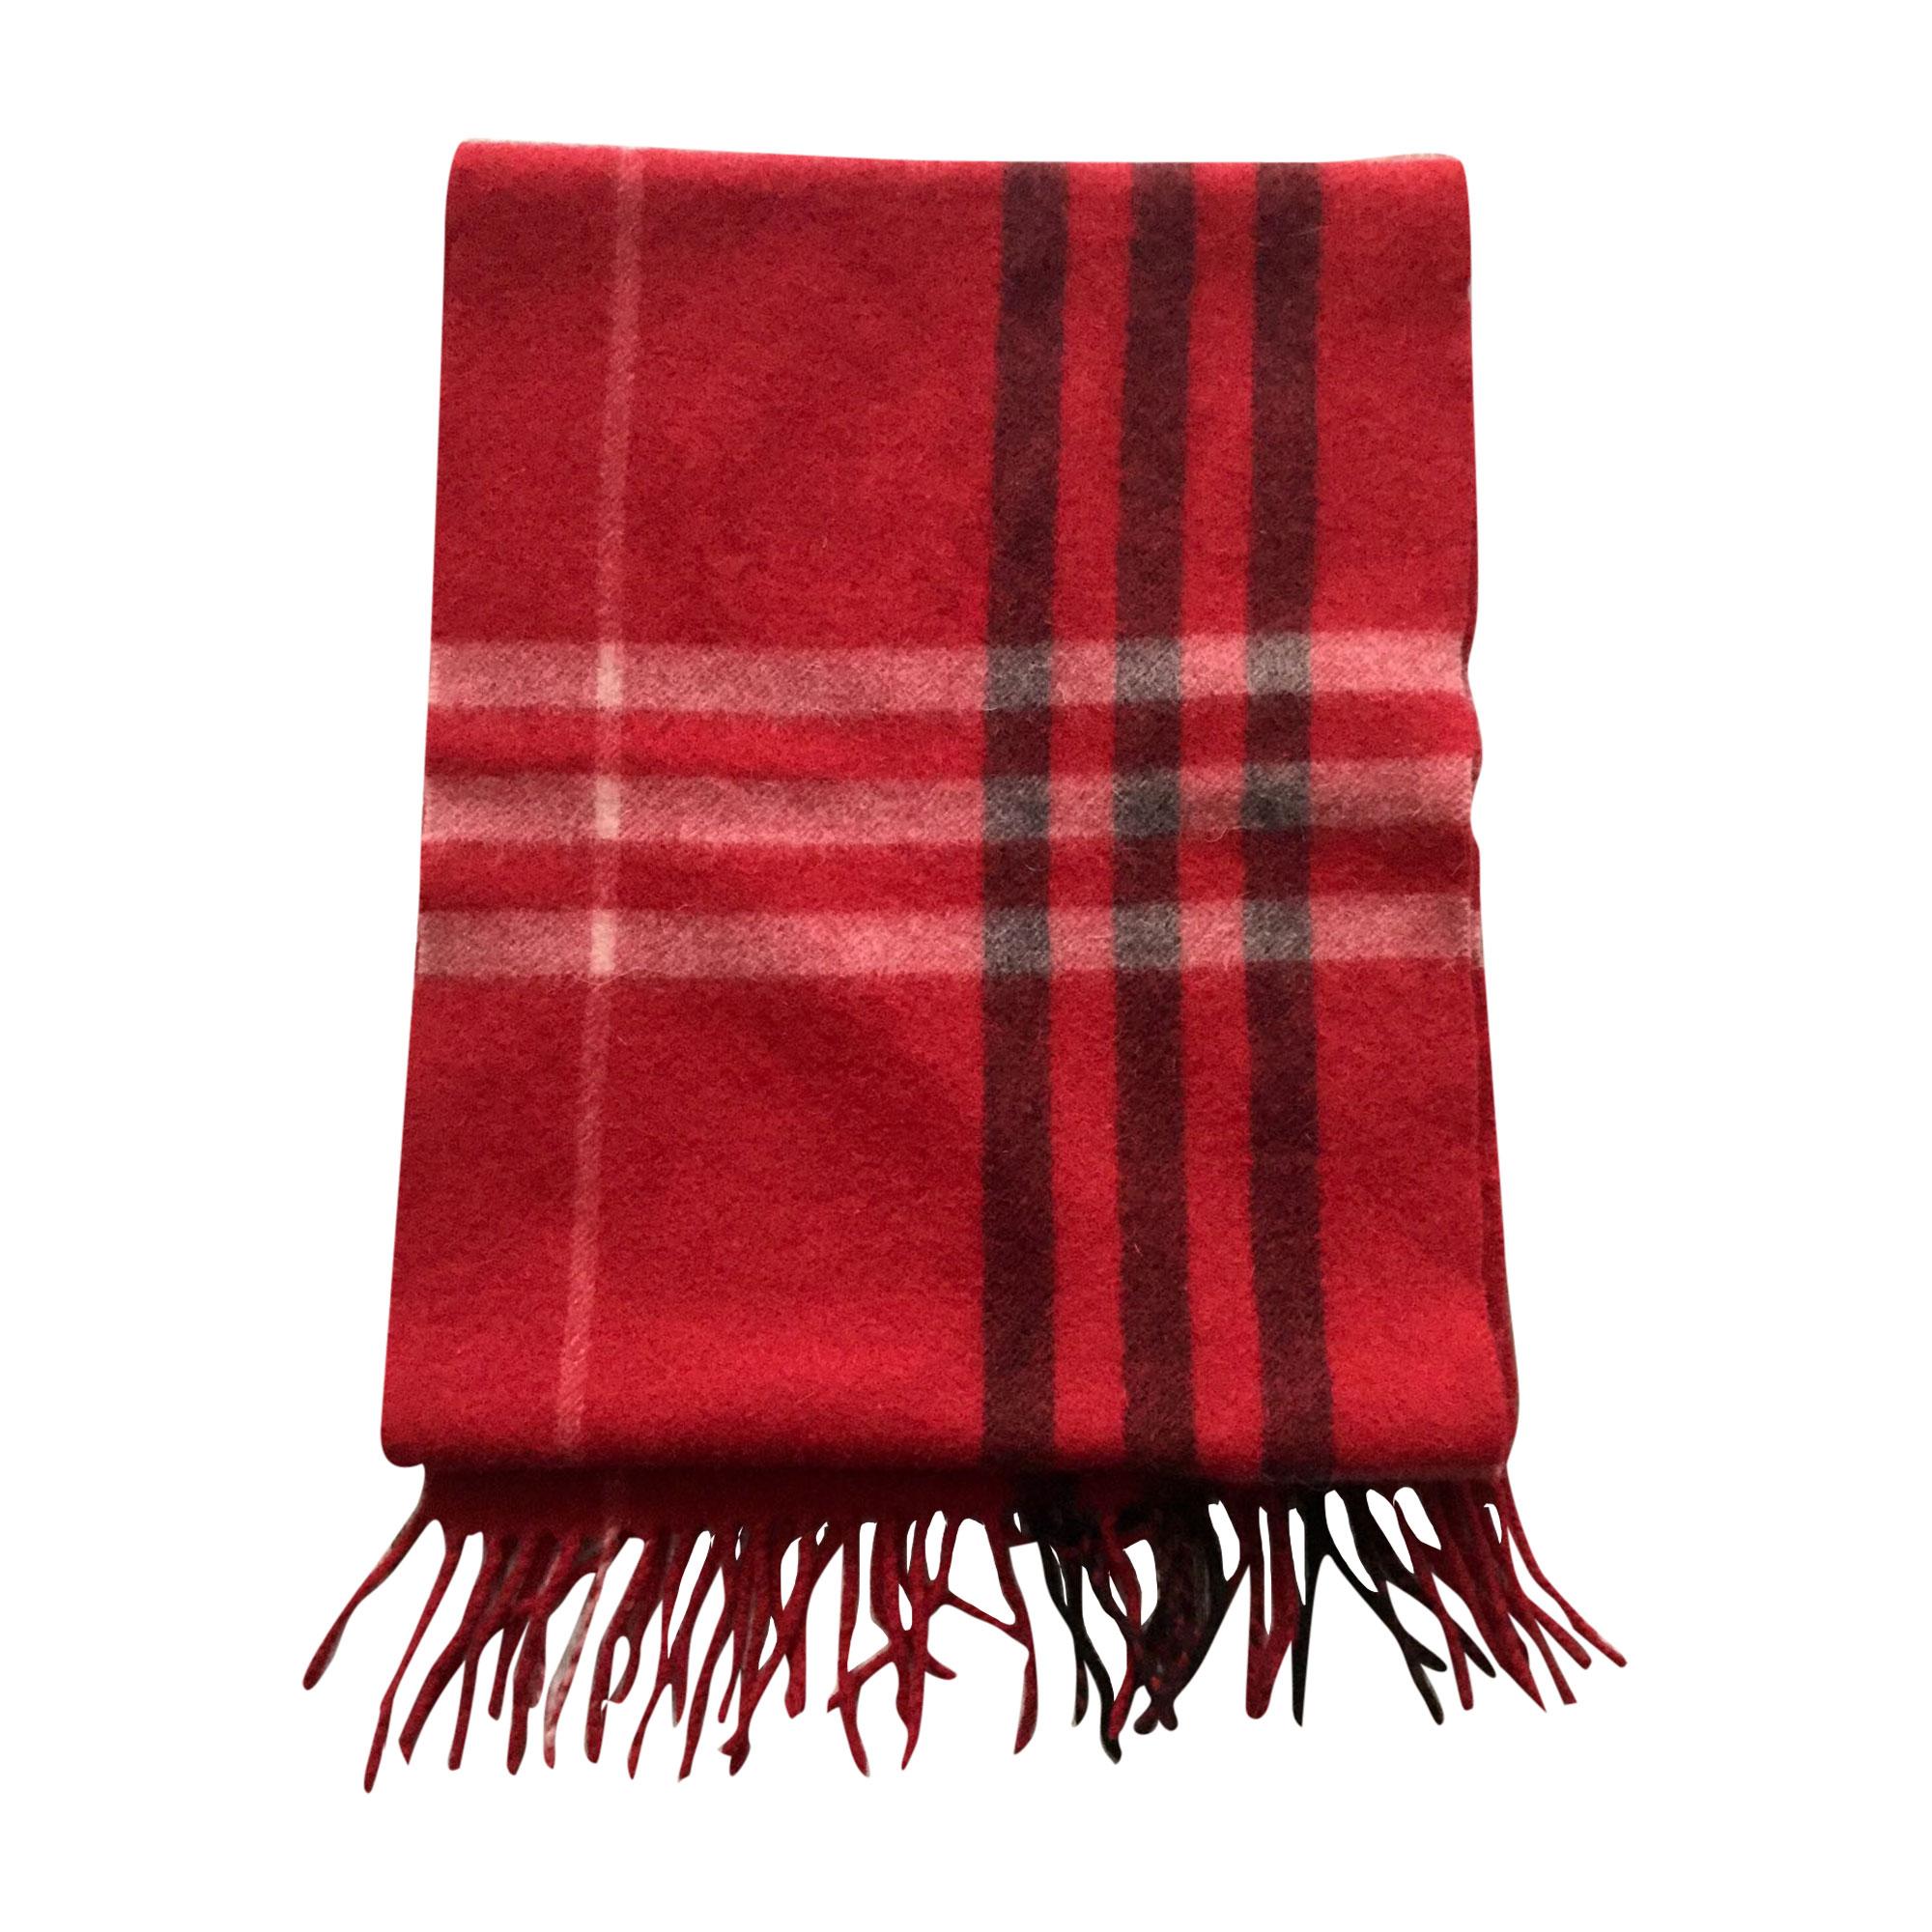 Echarpe BURBERRY rouge vendu par Fredshaved - 7734558 995e30d075f